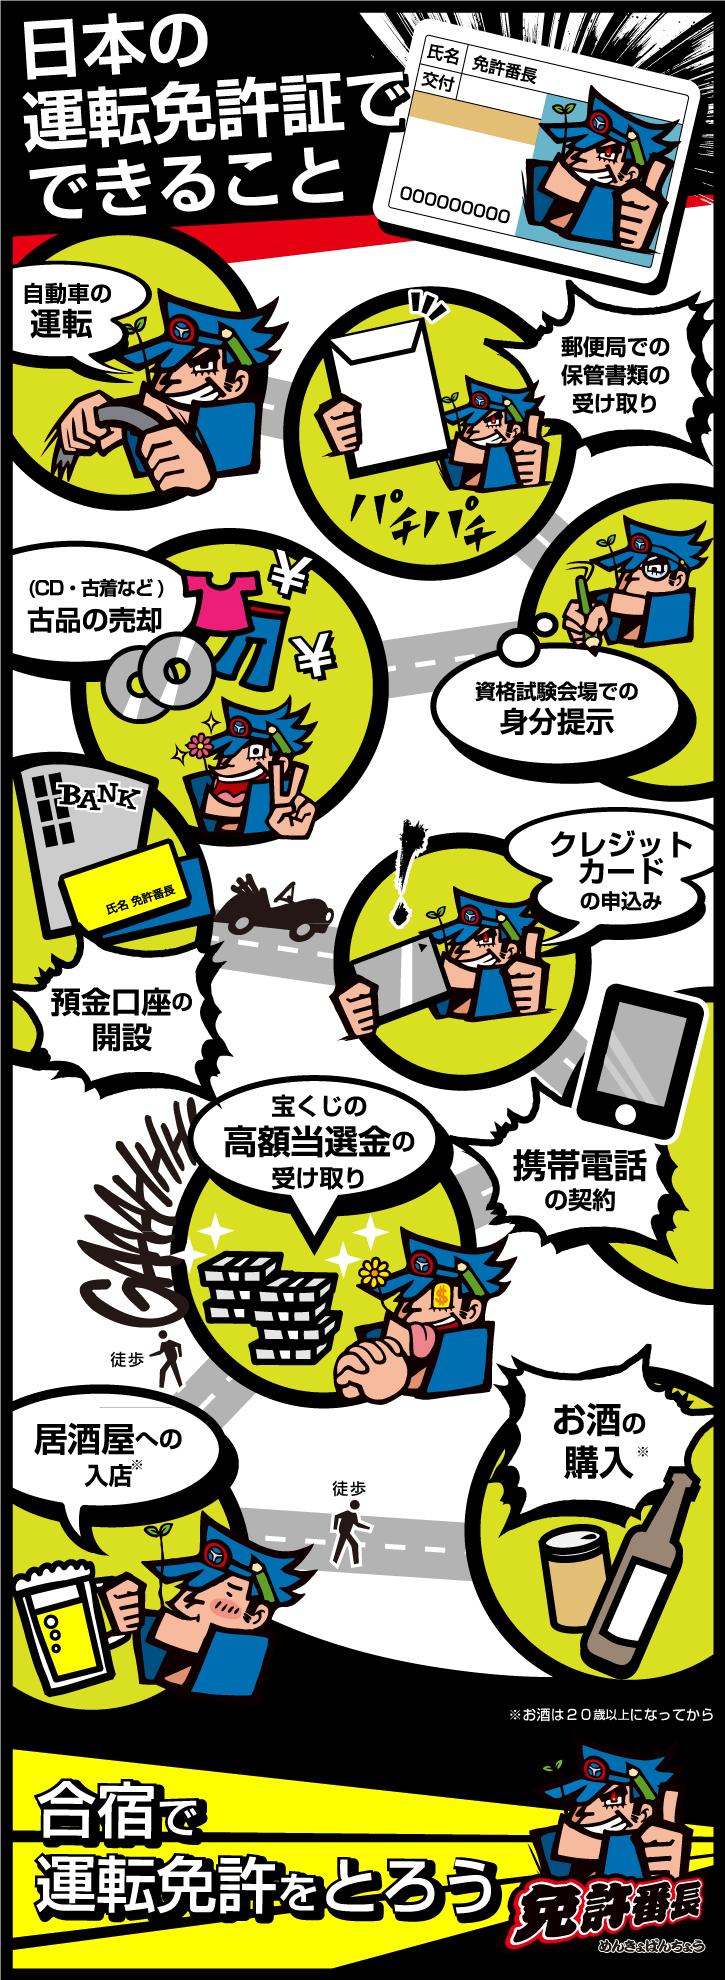 「日本の運転免許証でできること」のインフォグラフィックスなら免許番長